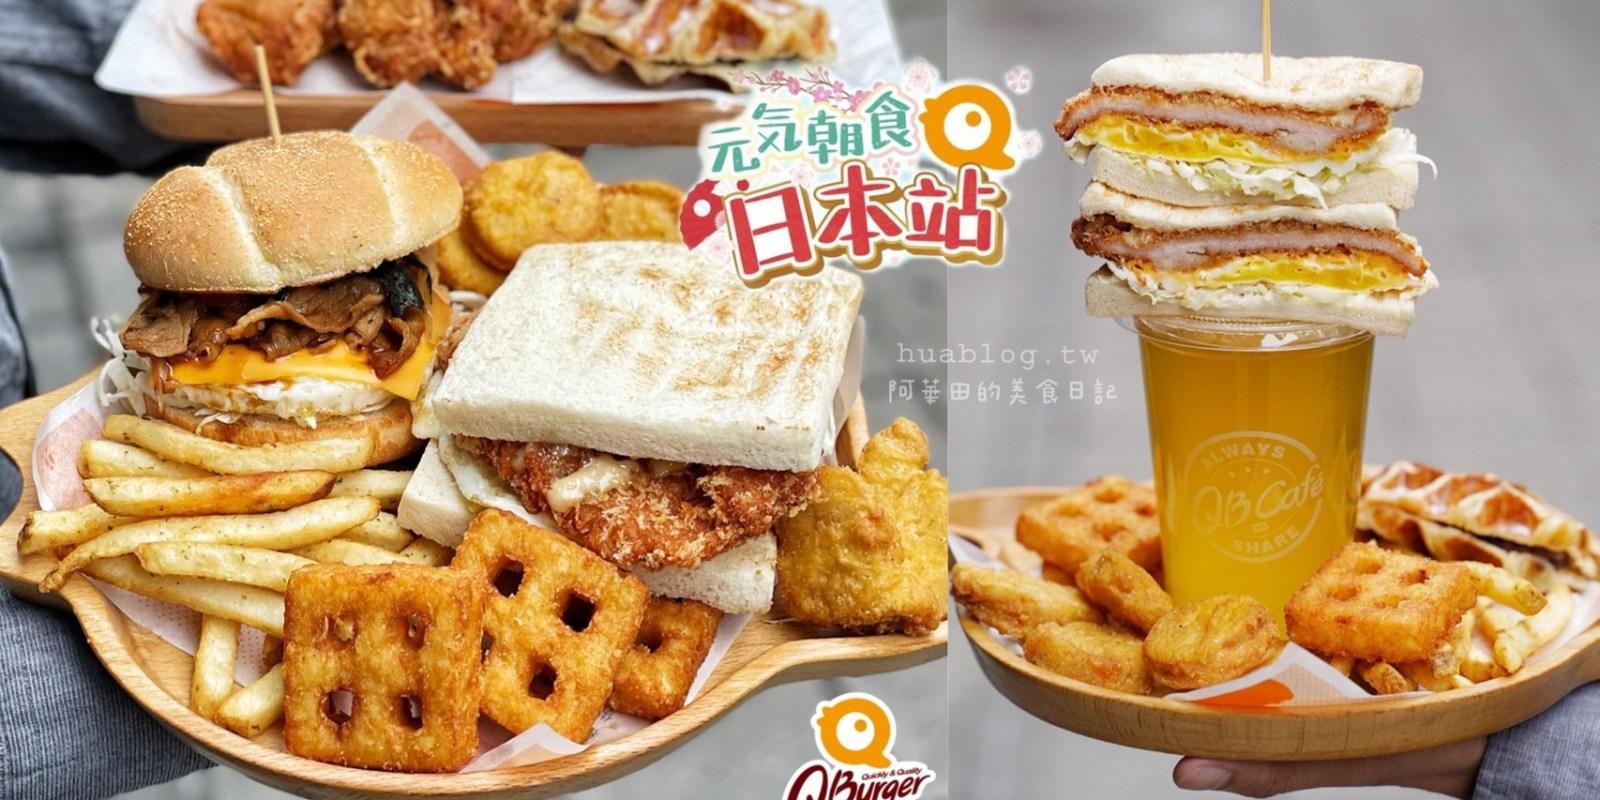 早餐愛店「Q Burger」推出『元氣朝食日本站』系列新品啦!帶你來一趟偽出國之旅吧!全台250多間「Q Burger」門市皆有販售!